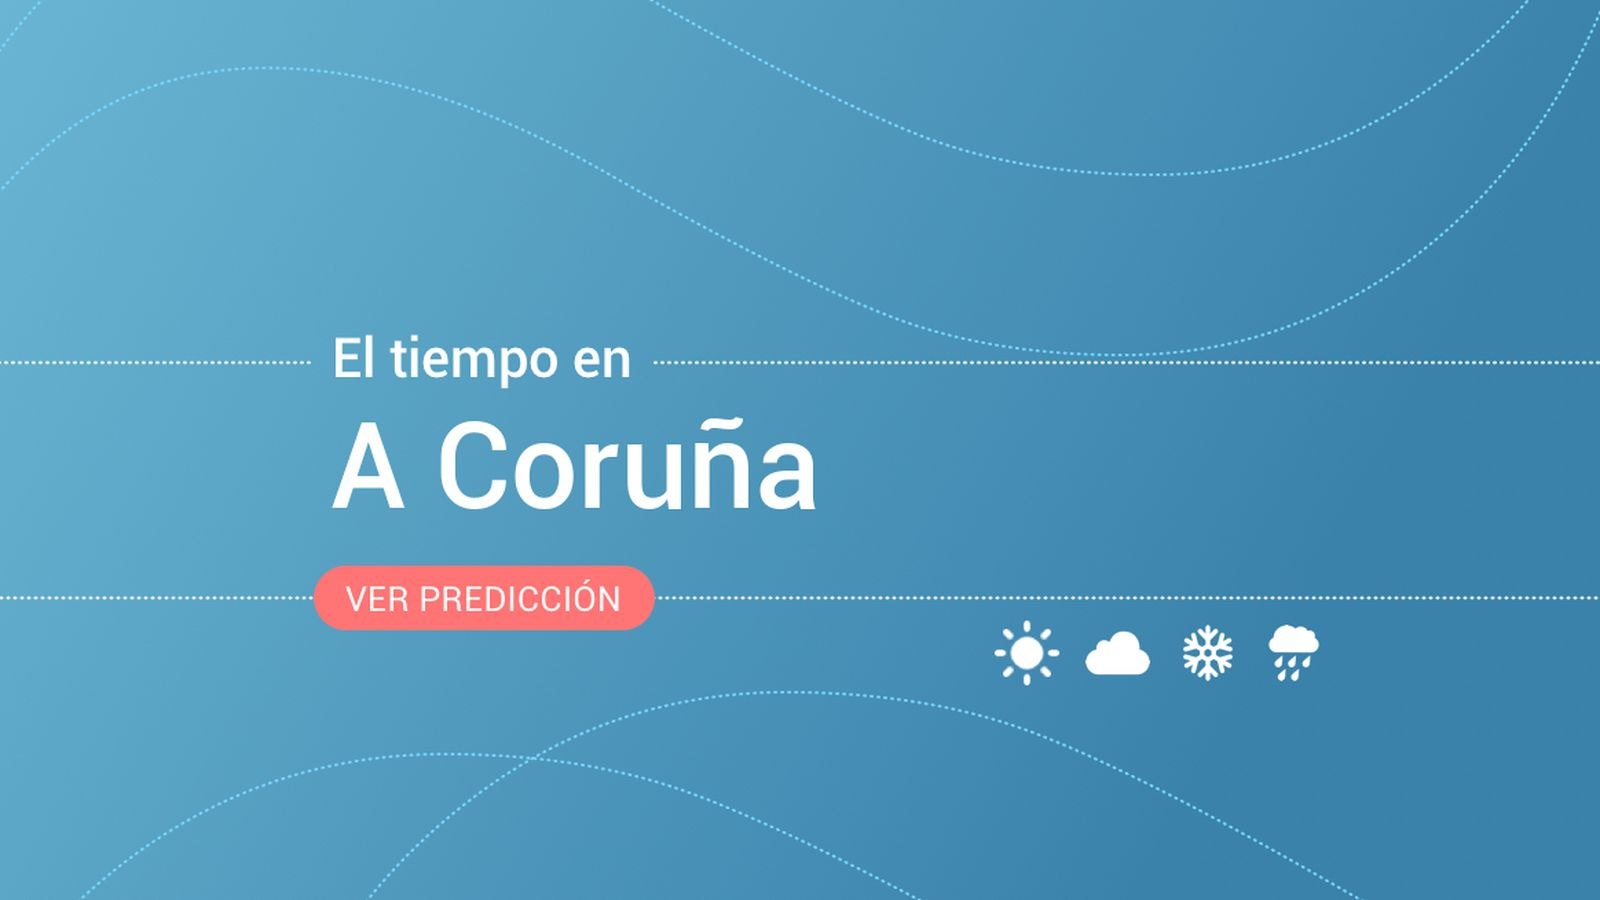 Foto: El tiempo en A Coruña. (EC)